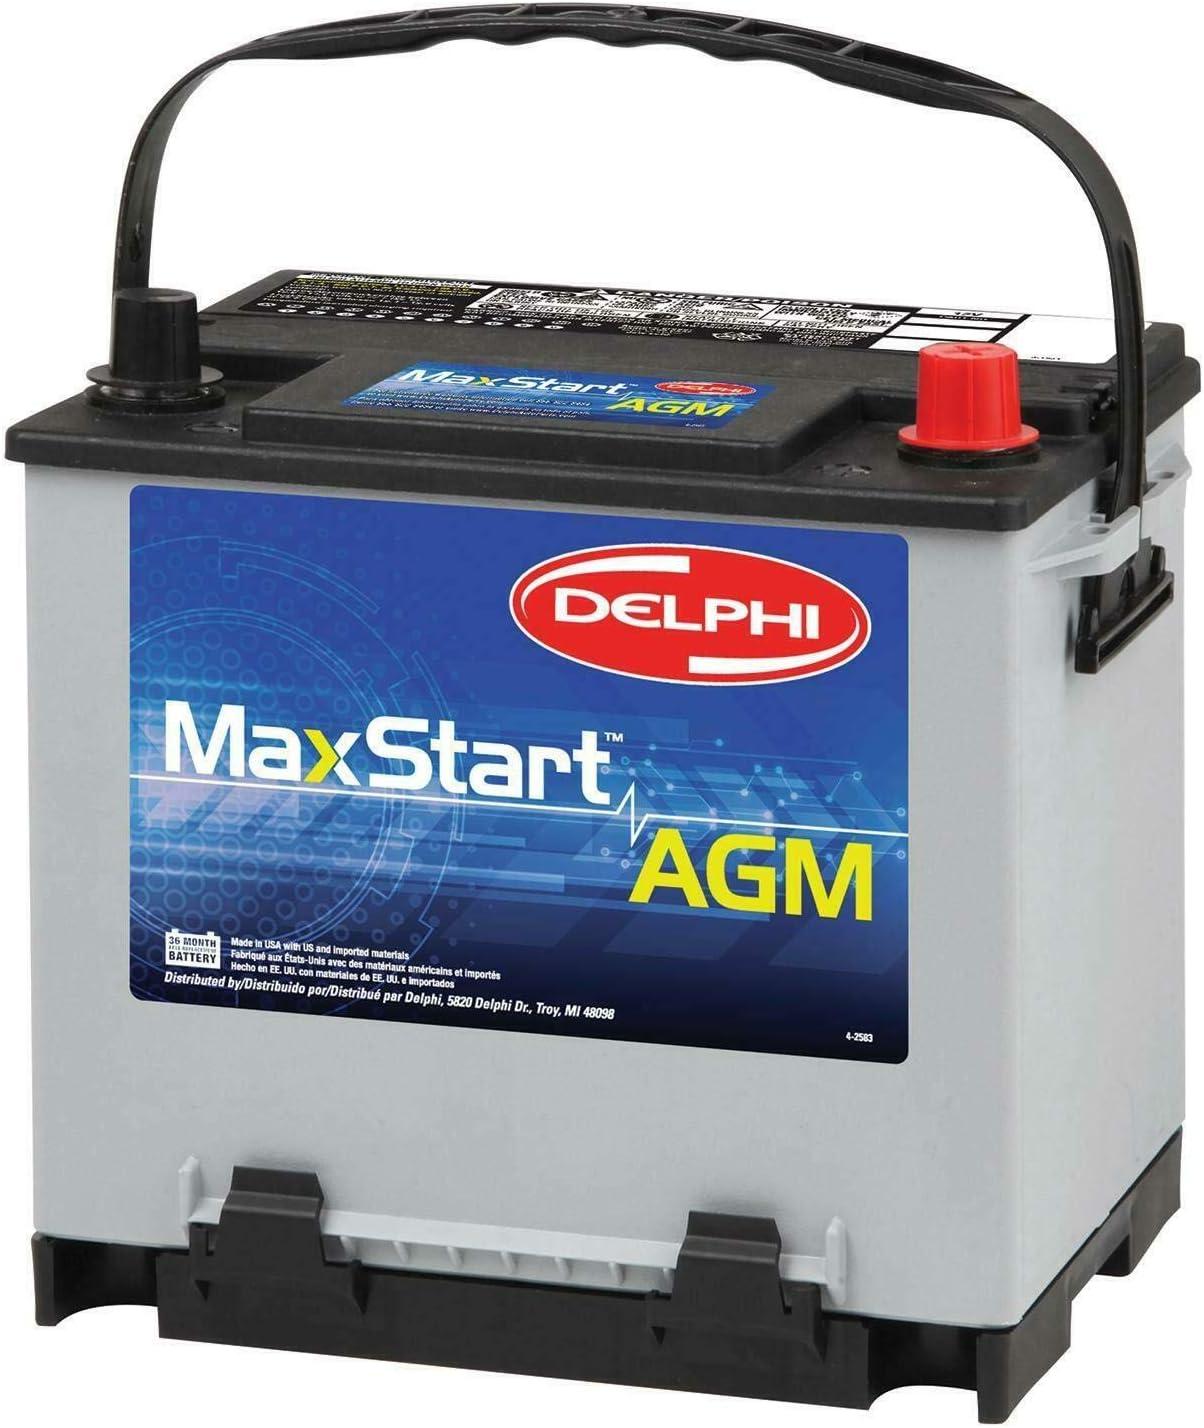 Delphi BU9035 MaxStart AGM Premium Automotive Battery, Group Size 35: Automotive